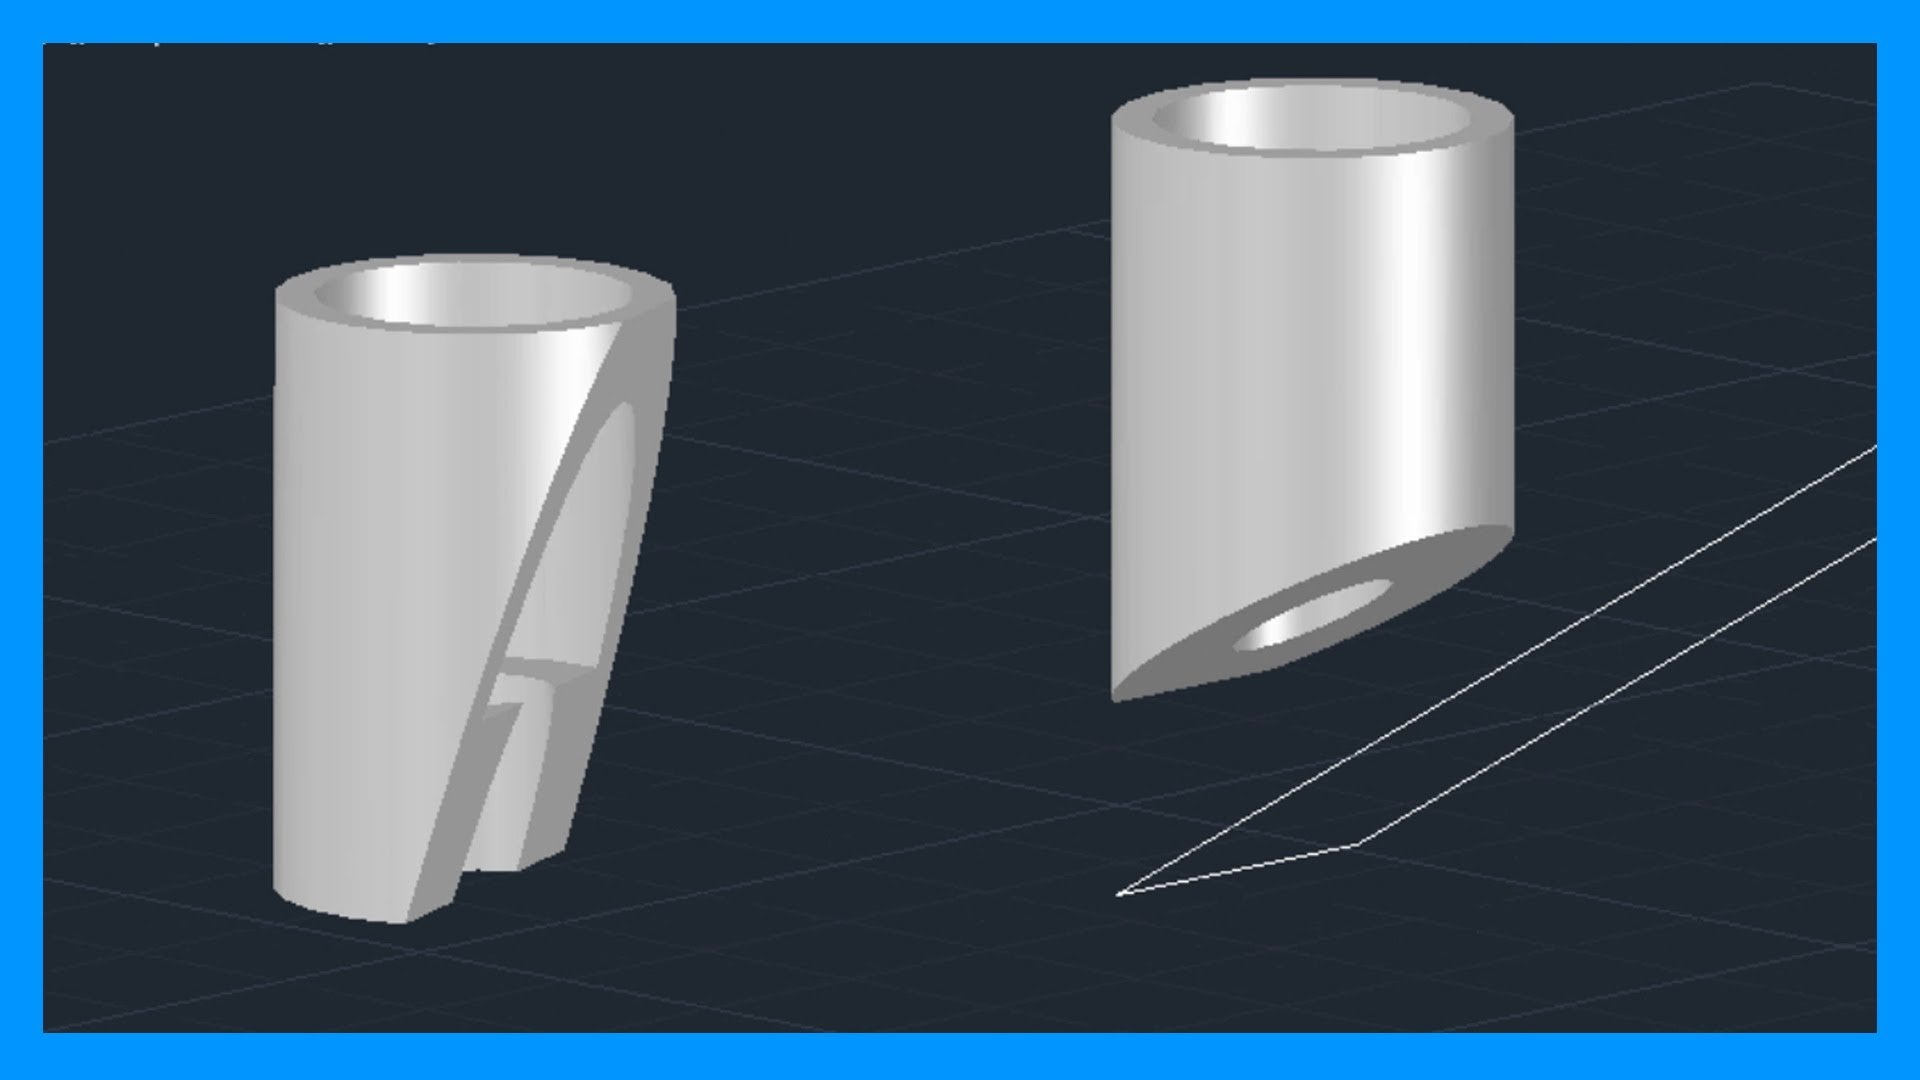 Autocad – Cortar sólidos 3D. Seccionar sólidos.